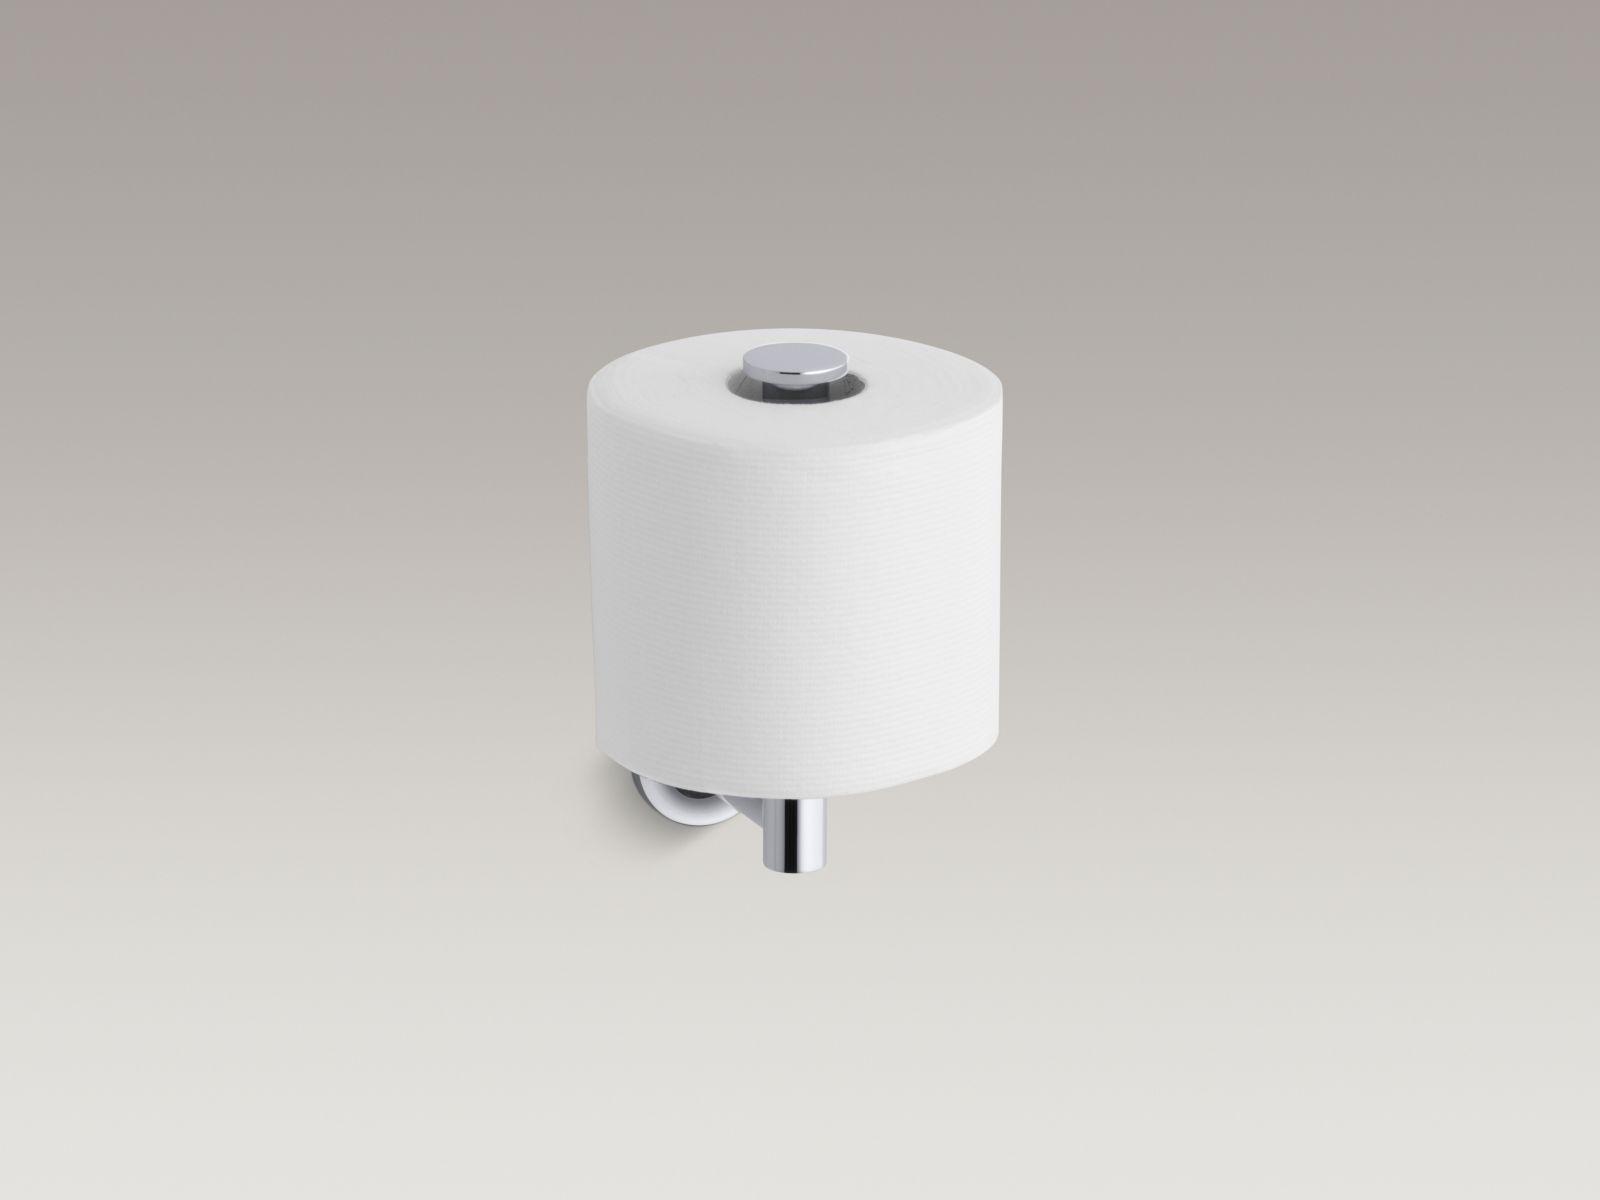 Kohler K-14444-CP Purist Vertical Toilet Paper Holder Polished Chrome